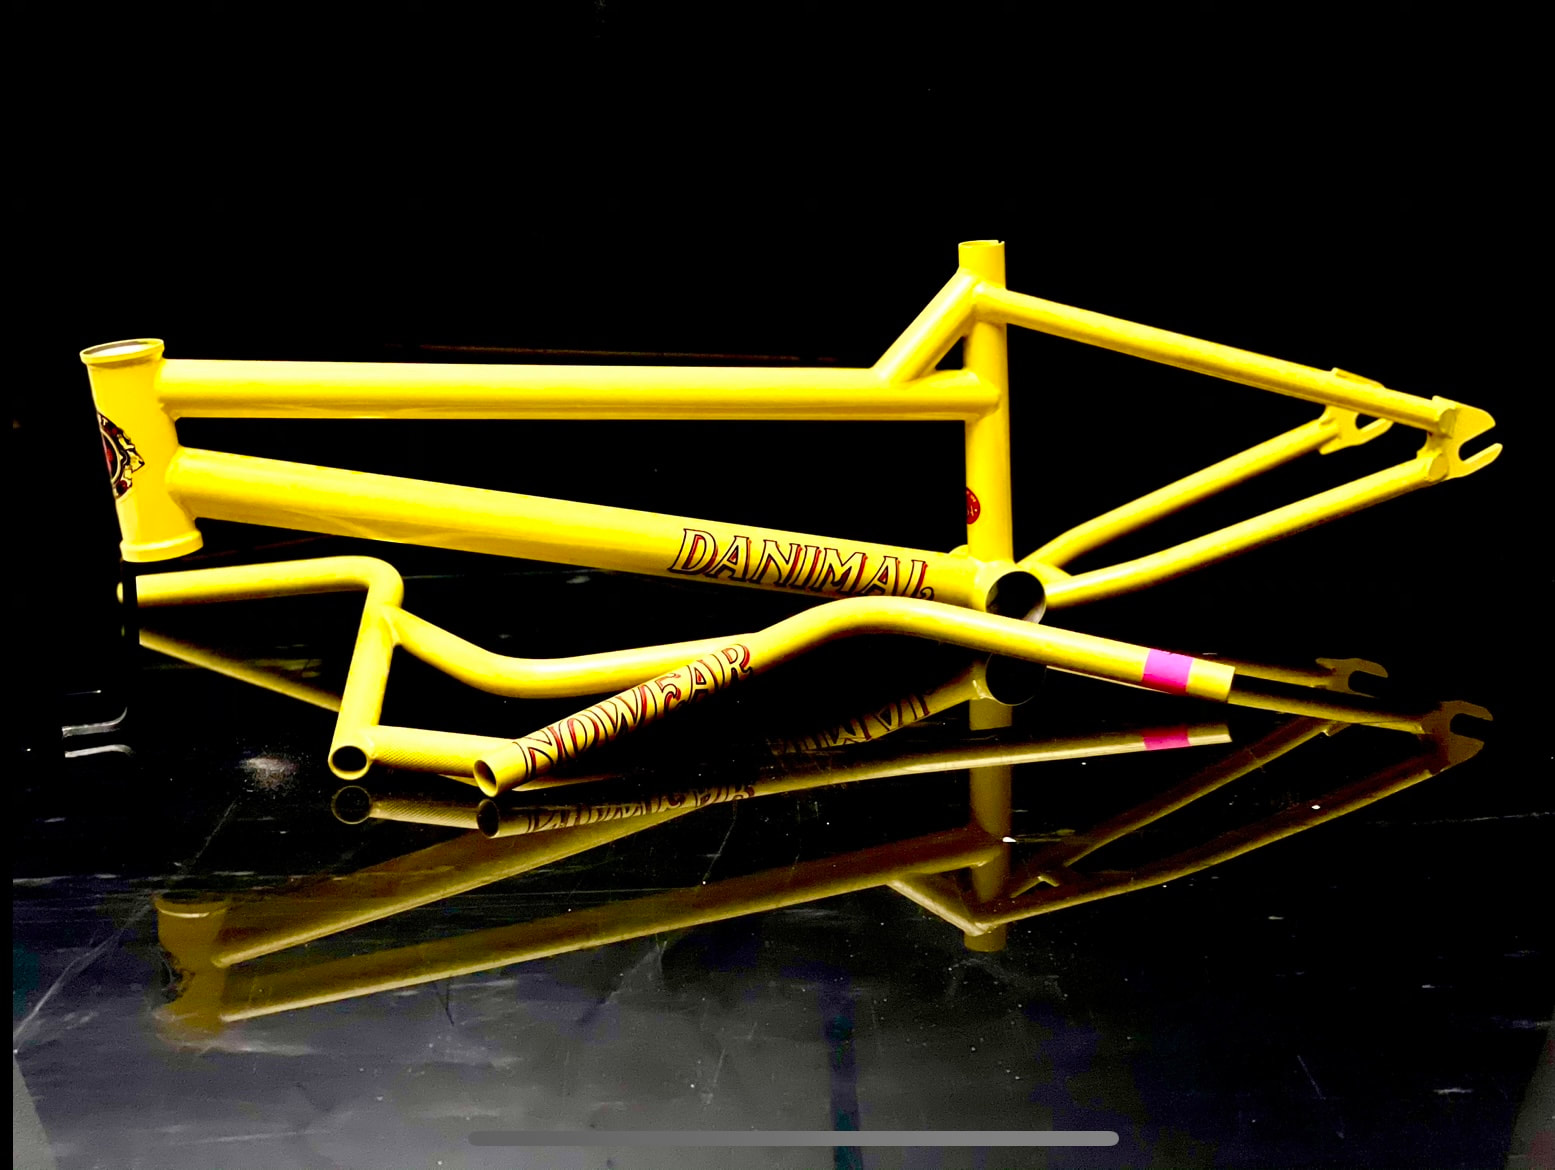 danimal bmx frame